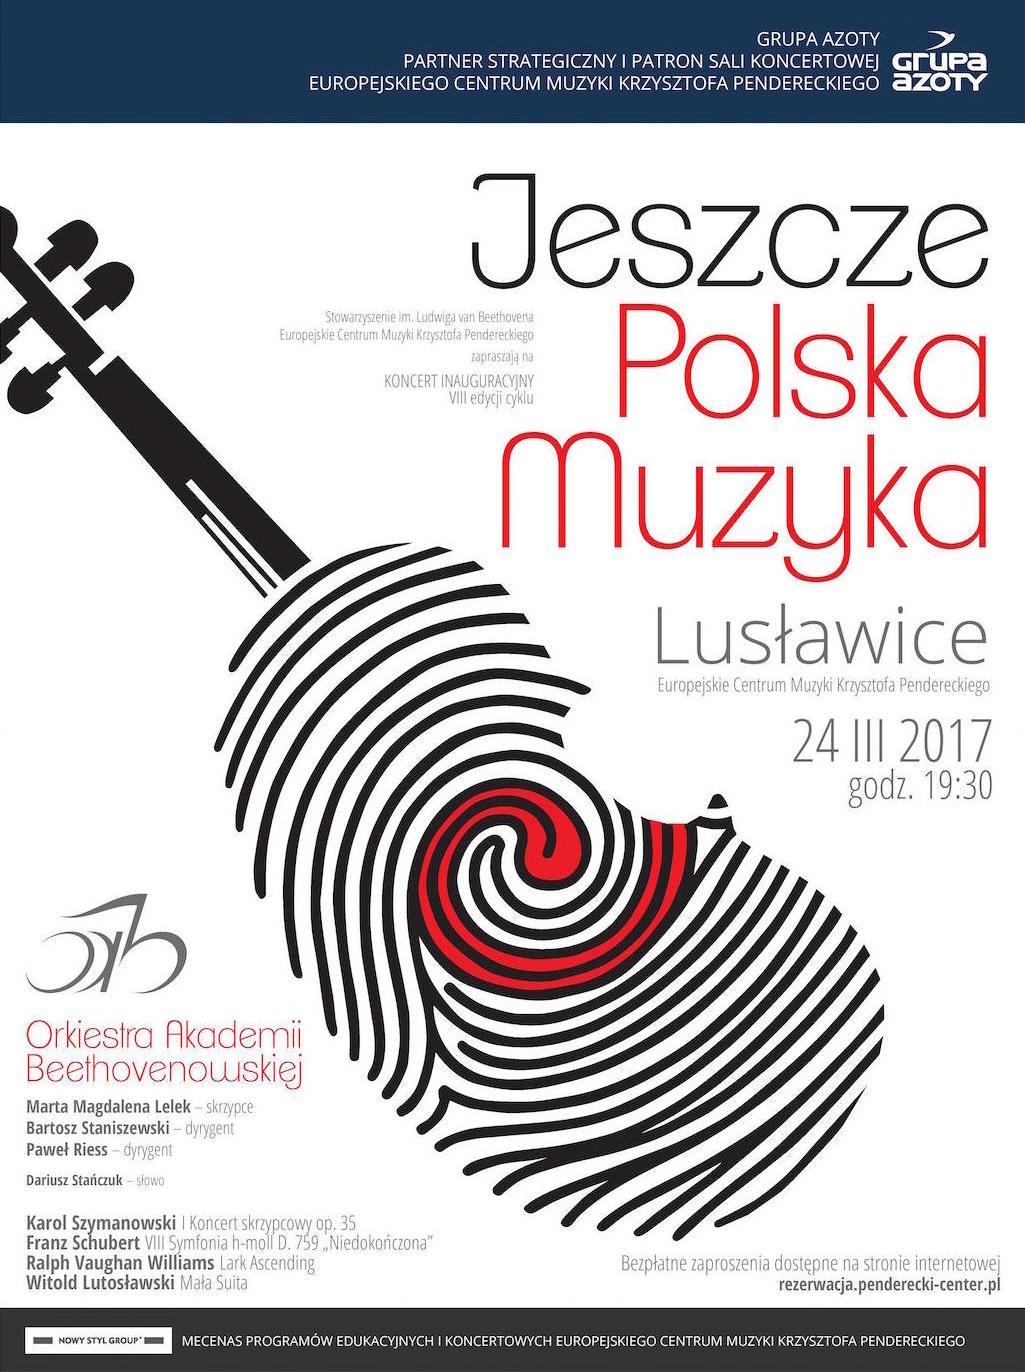 """Orkiestra Akademii Beethovenowskiej, Inauguracja 8. edycji cyklu """"Jeszcze polska muzyka..."""" – plakat (źródło: materiały prasowe organizatora)"""